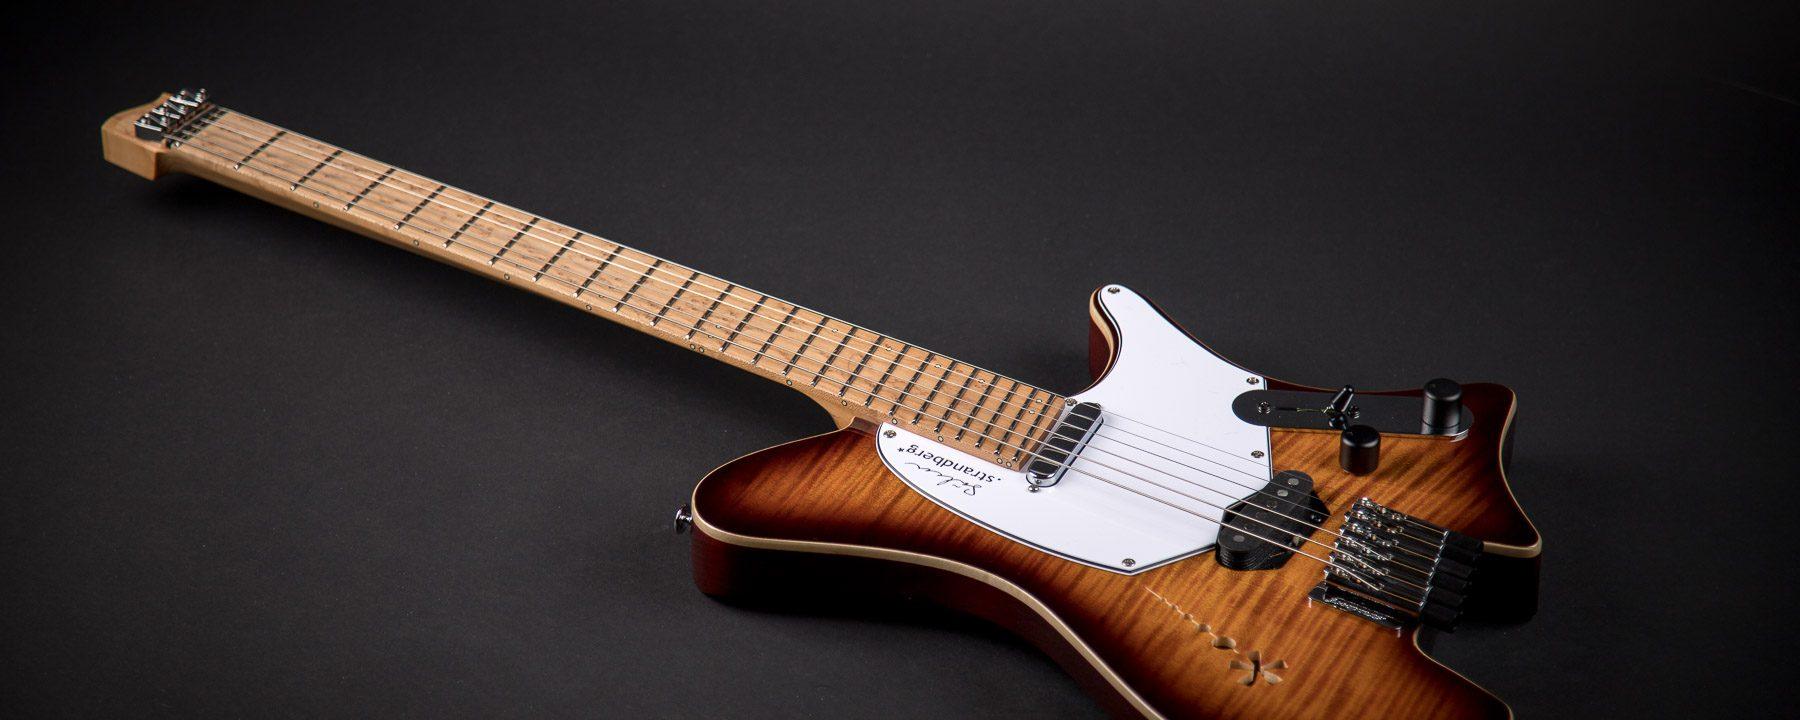 Headless Guitars -  strandberg* Guitars Rest of World